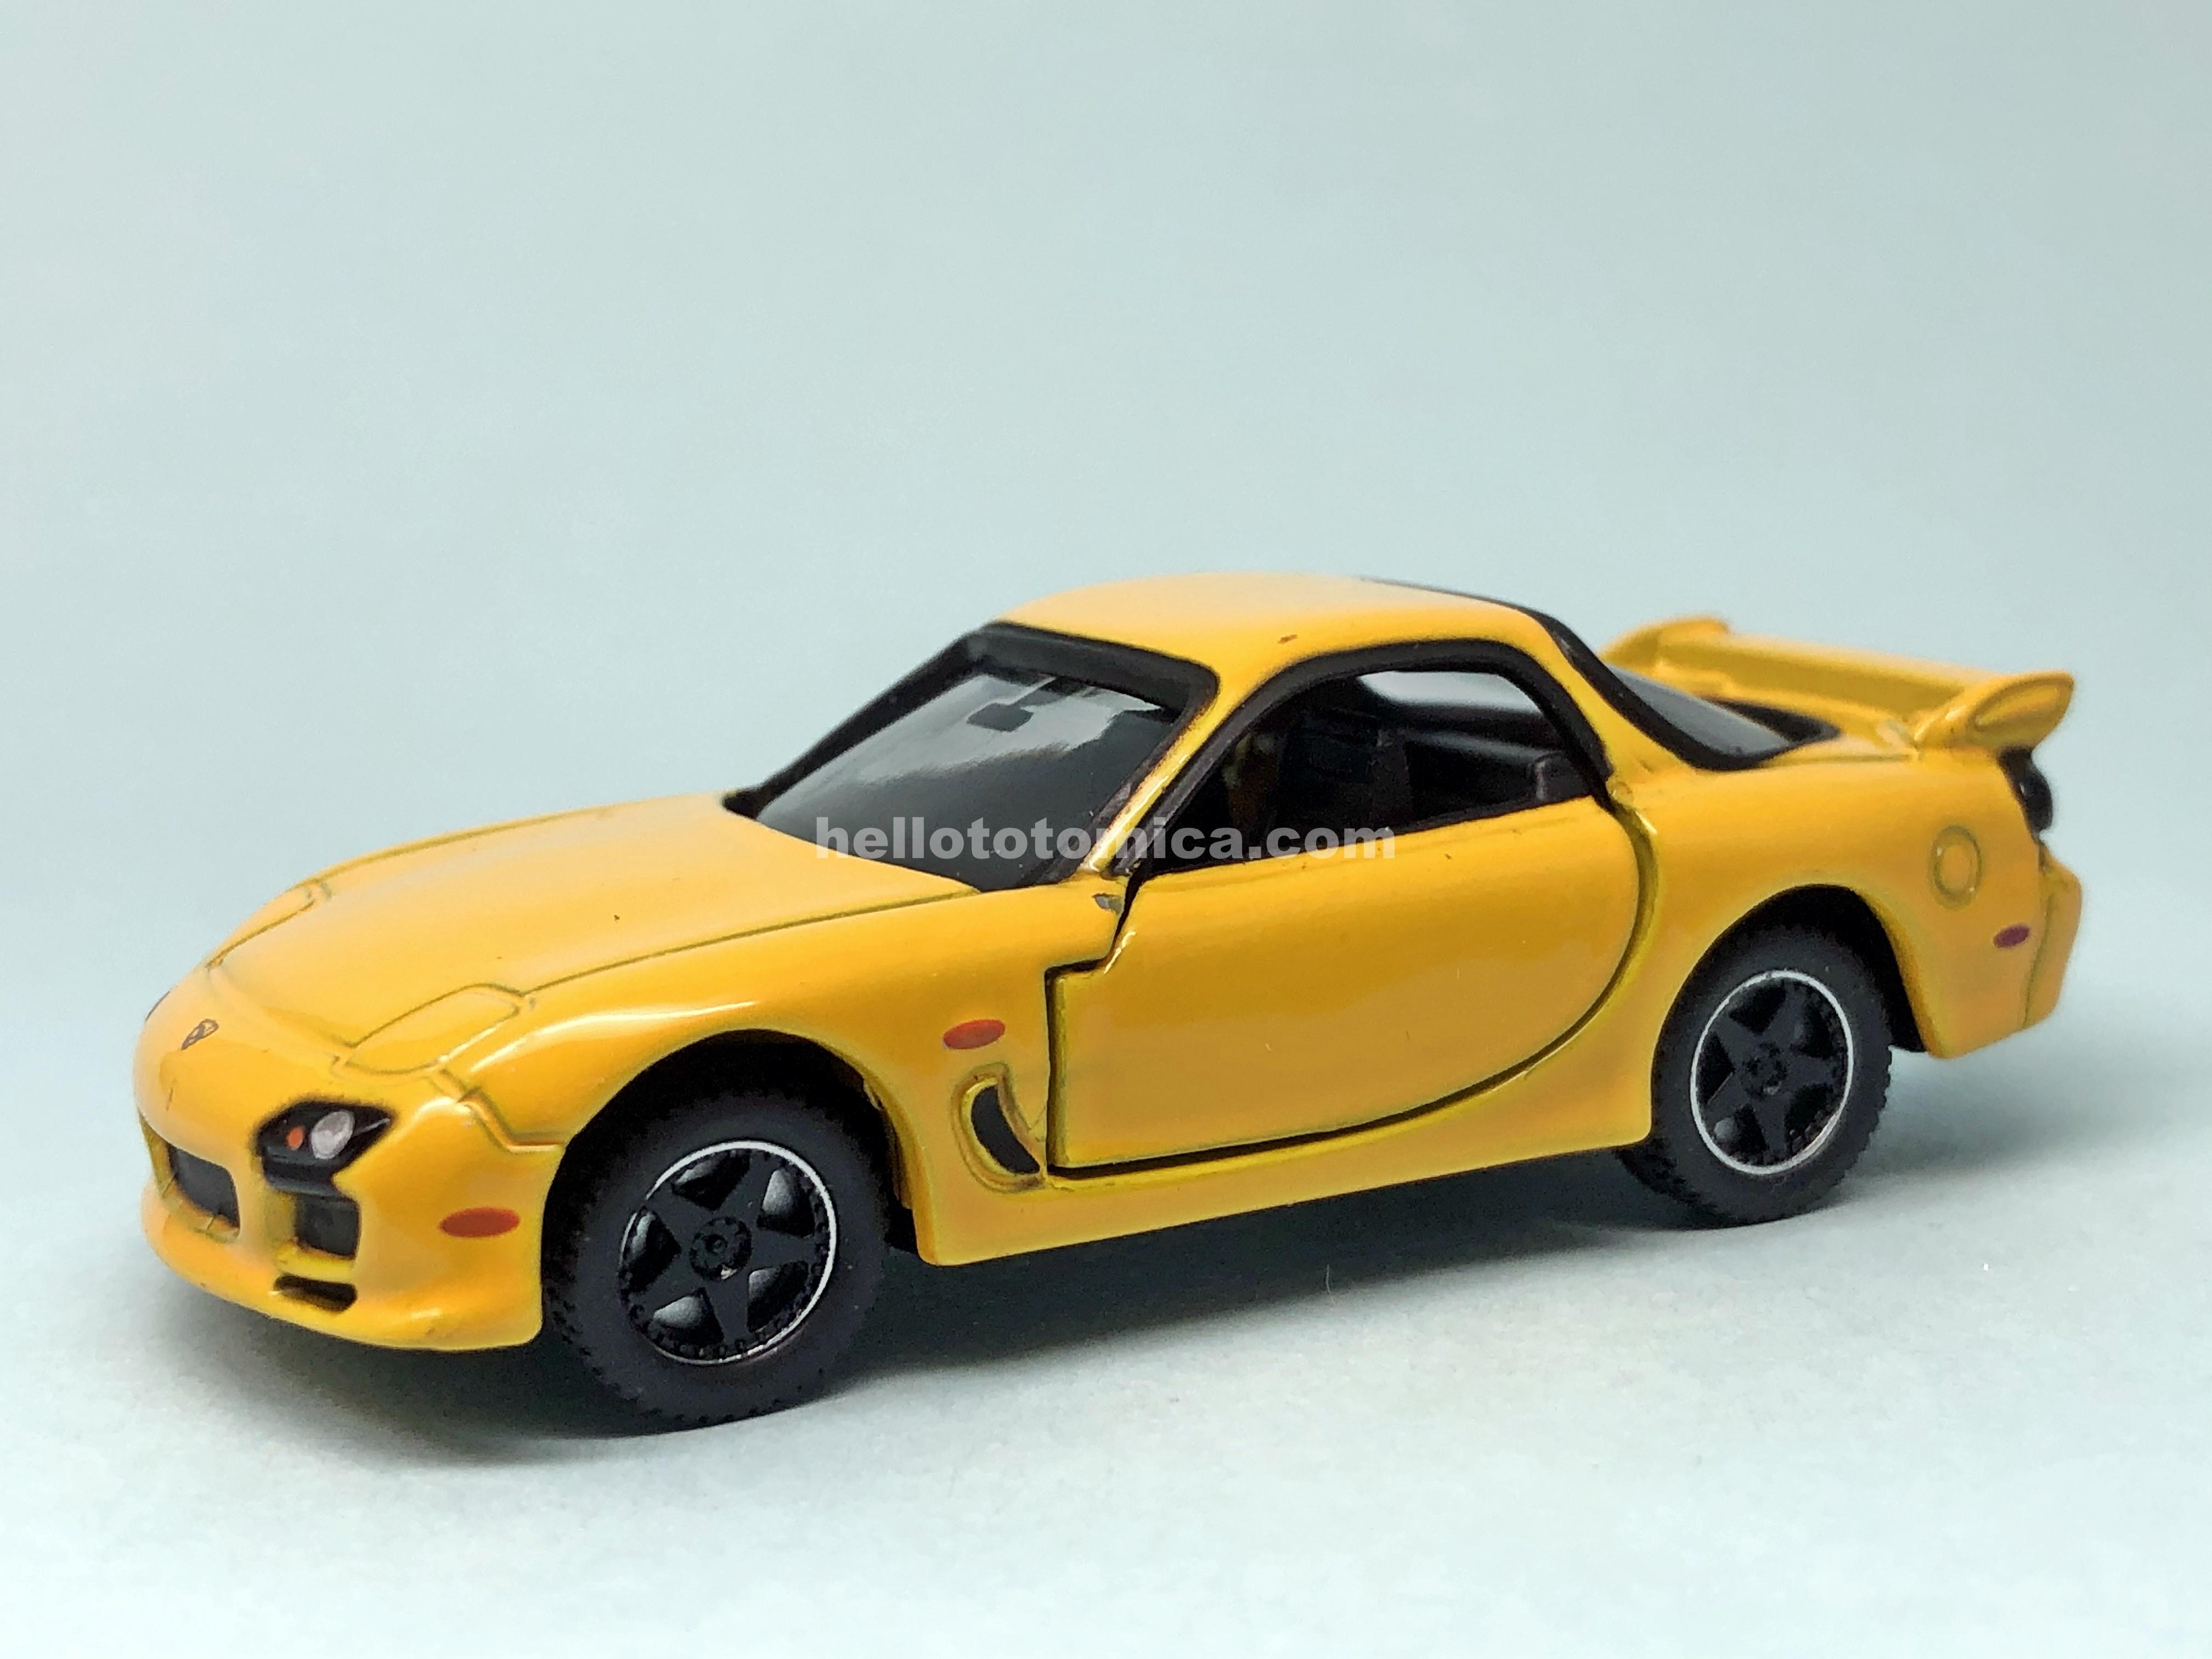 94-5 MAZDA RX-7